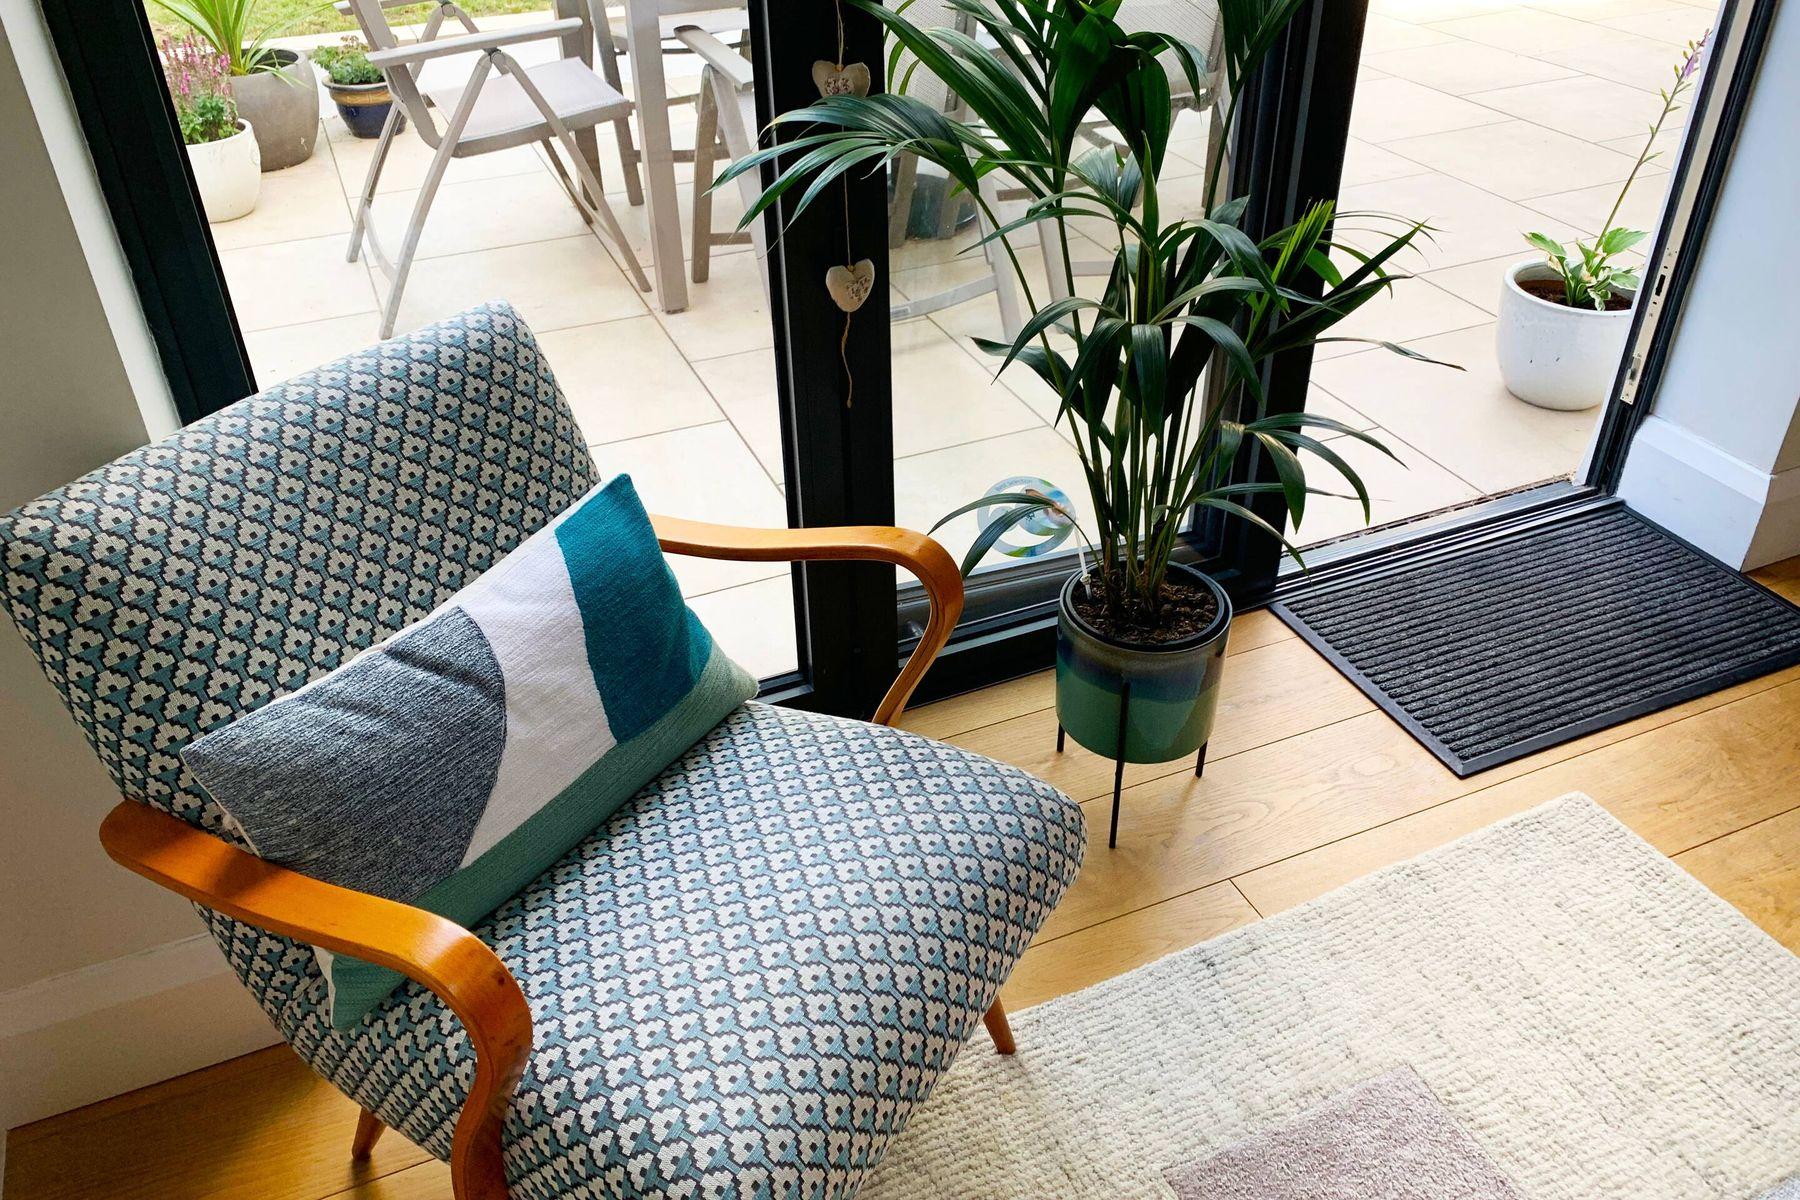 Zimmerpflanze neben einem Sessel im Raum